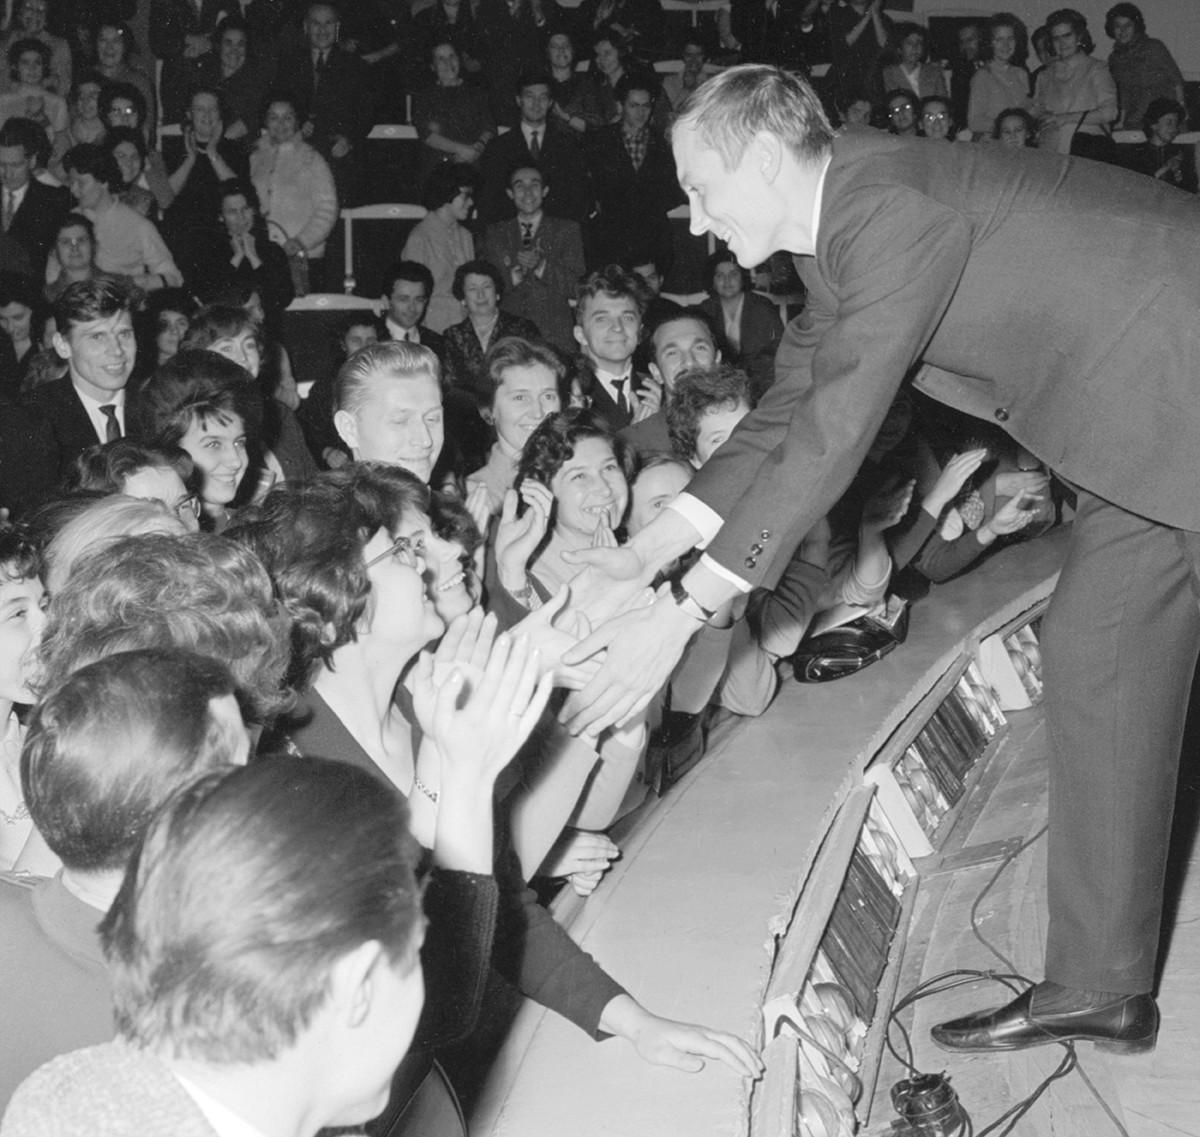 Negli anni '50 e '60 la poesia era estremamente popolare tra la gioventù sovietica